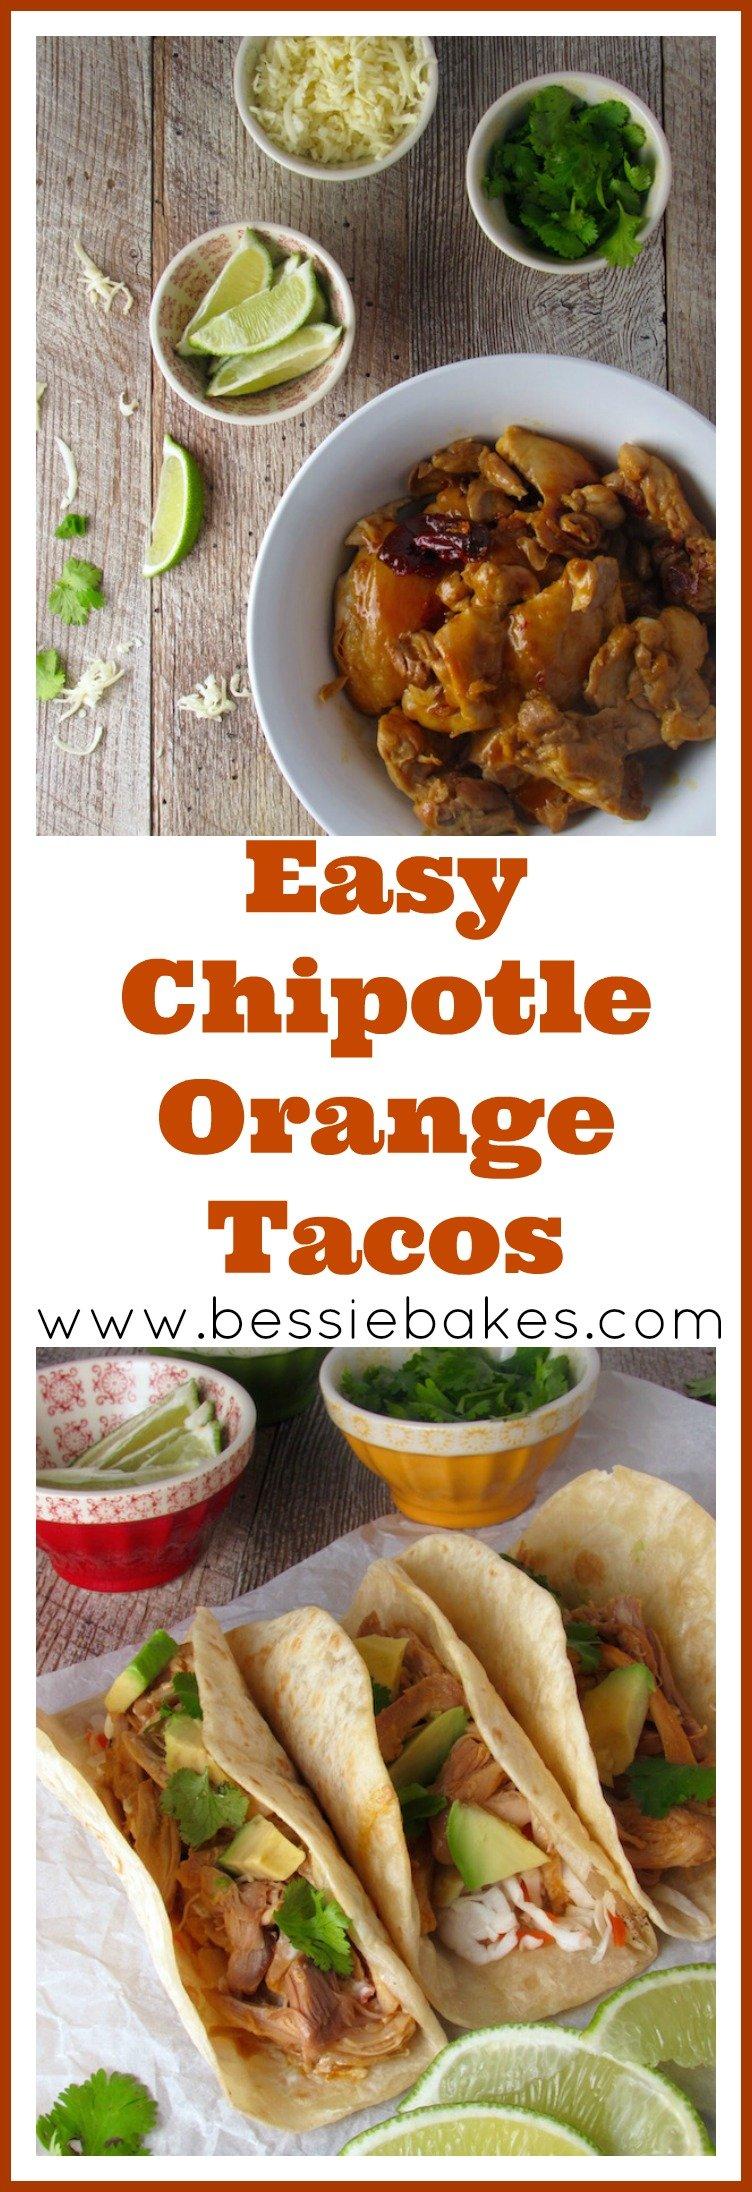 easy chipotle orange chicken tacos